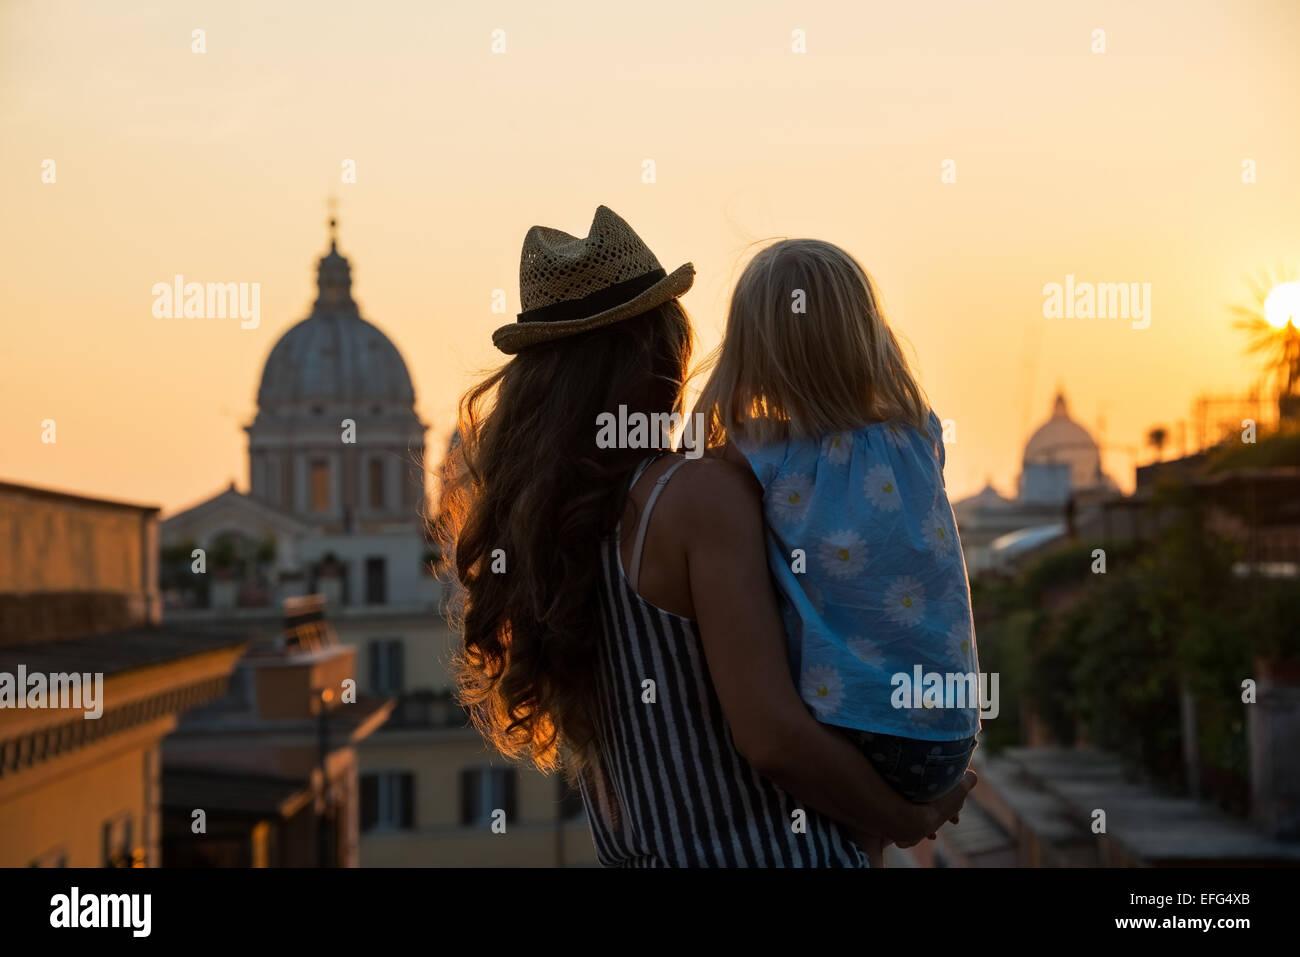 Silueta de la madre y el bebé niña mirando sobre los tejados de Roma vista posterior a la puesta del sol. Imagen De Stock